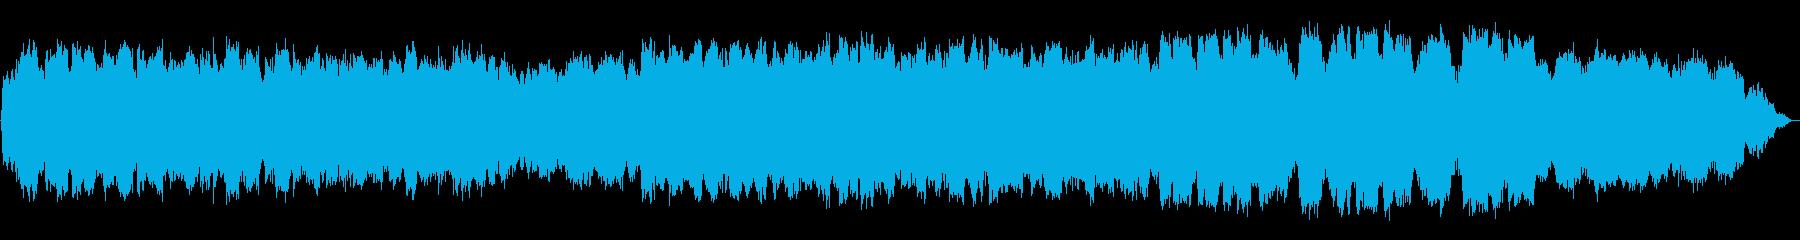 竹笛の即興による癒し系音楽の再生済みの波形